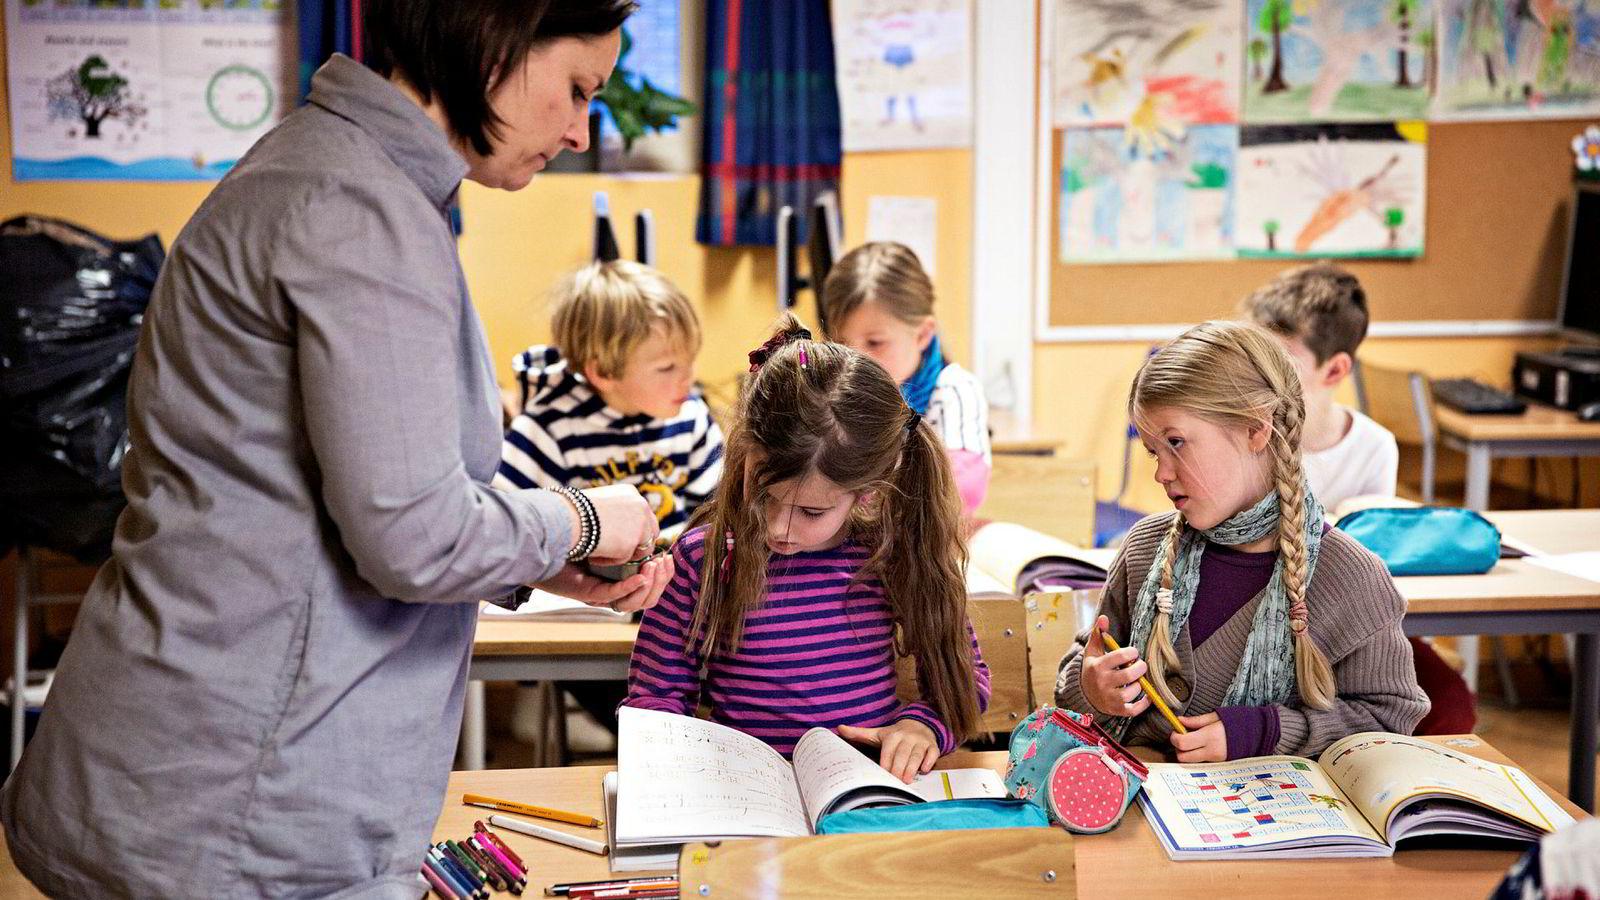 En studie fra Chicago tyder på at foreldres involvering i skolearbeidet kan bidra til bedre akademiske og sosiale ferdigheter hos barna, skriver artikkelforfatteren.